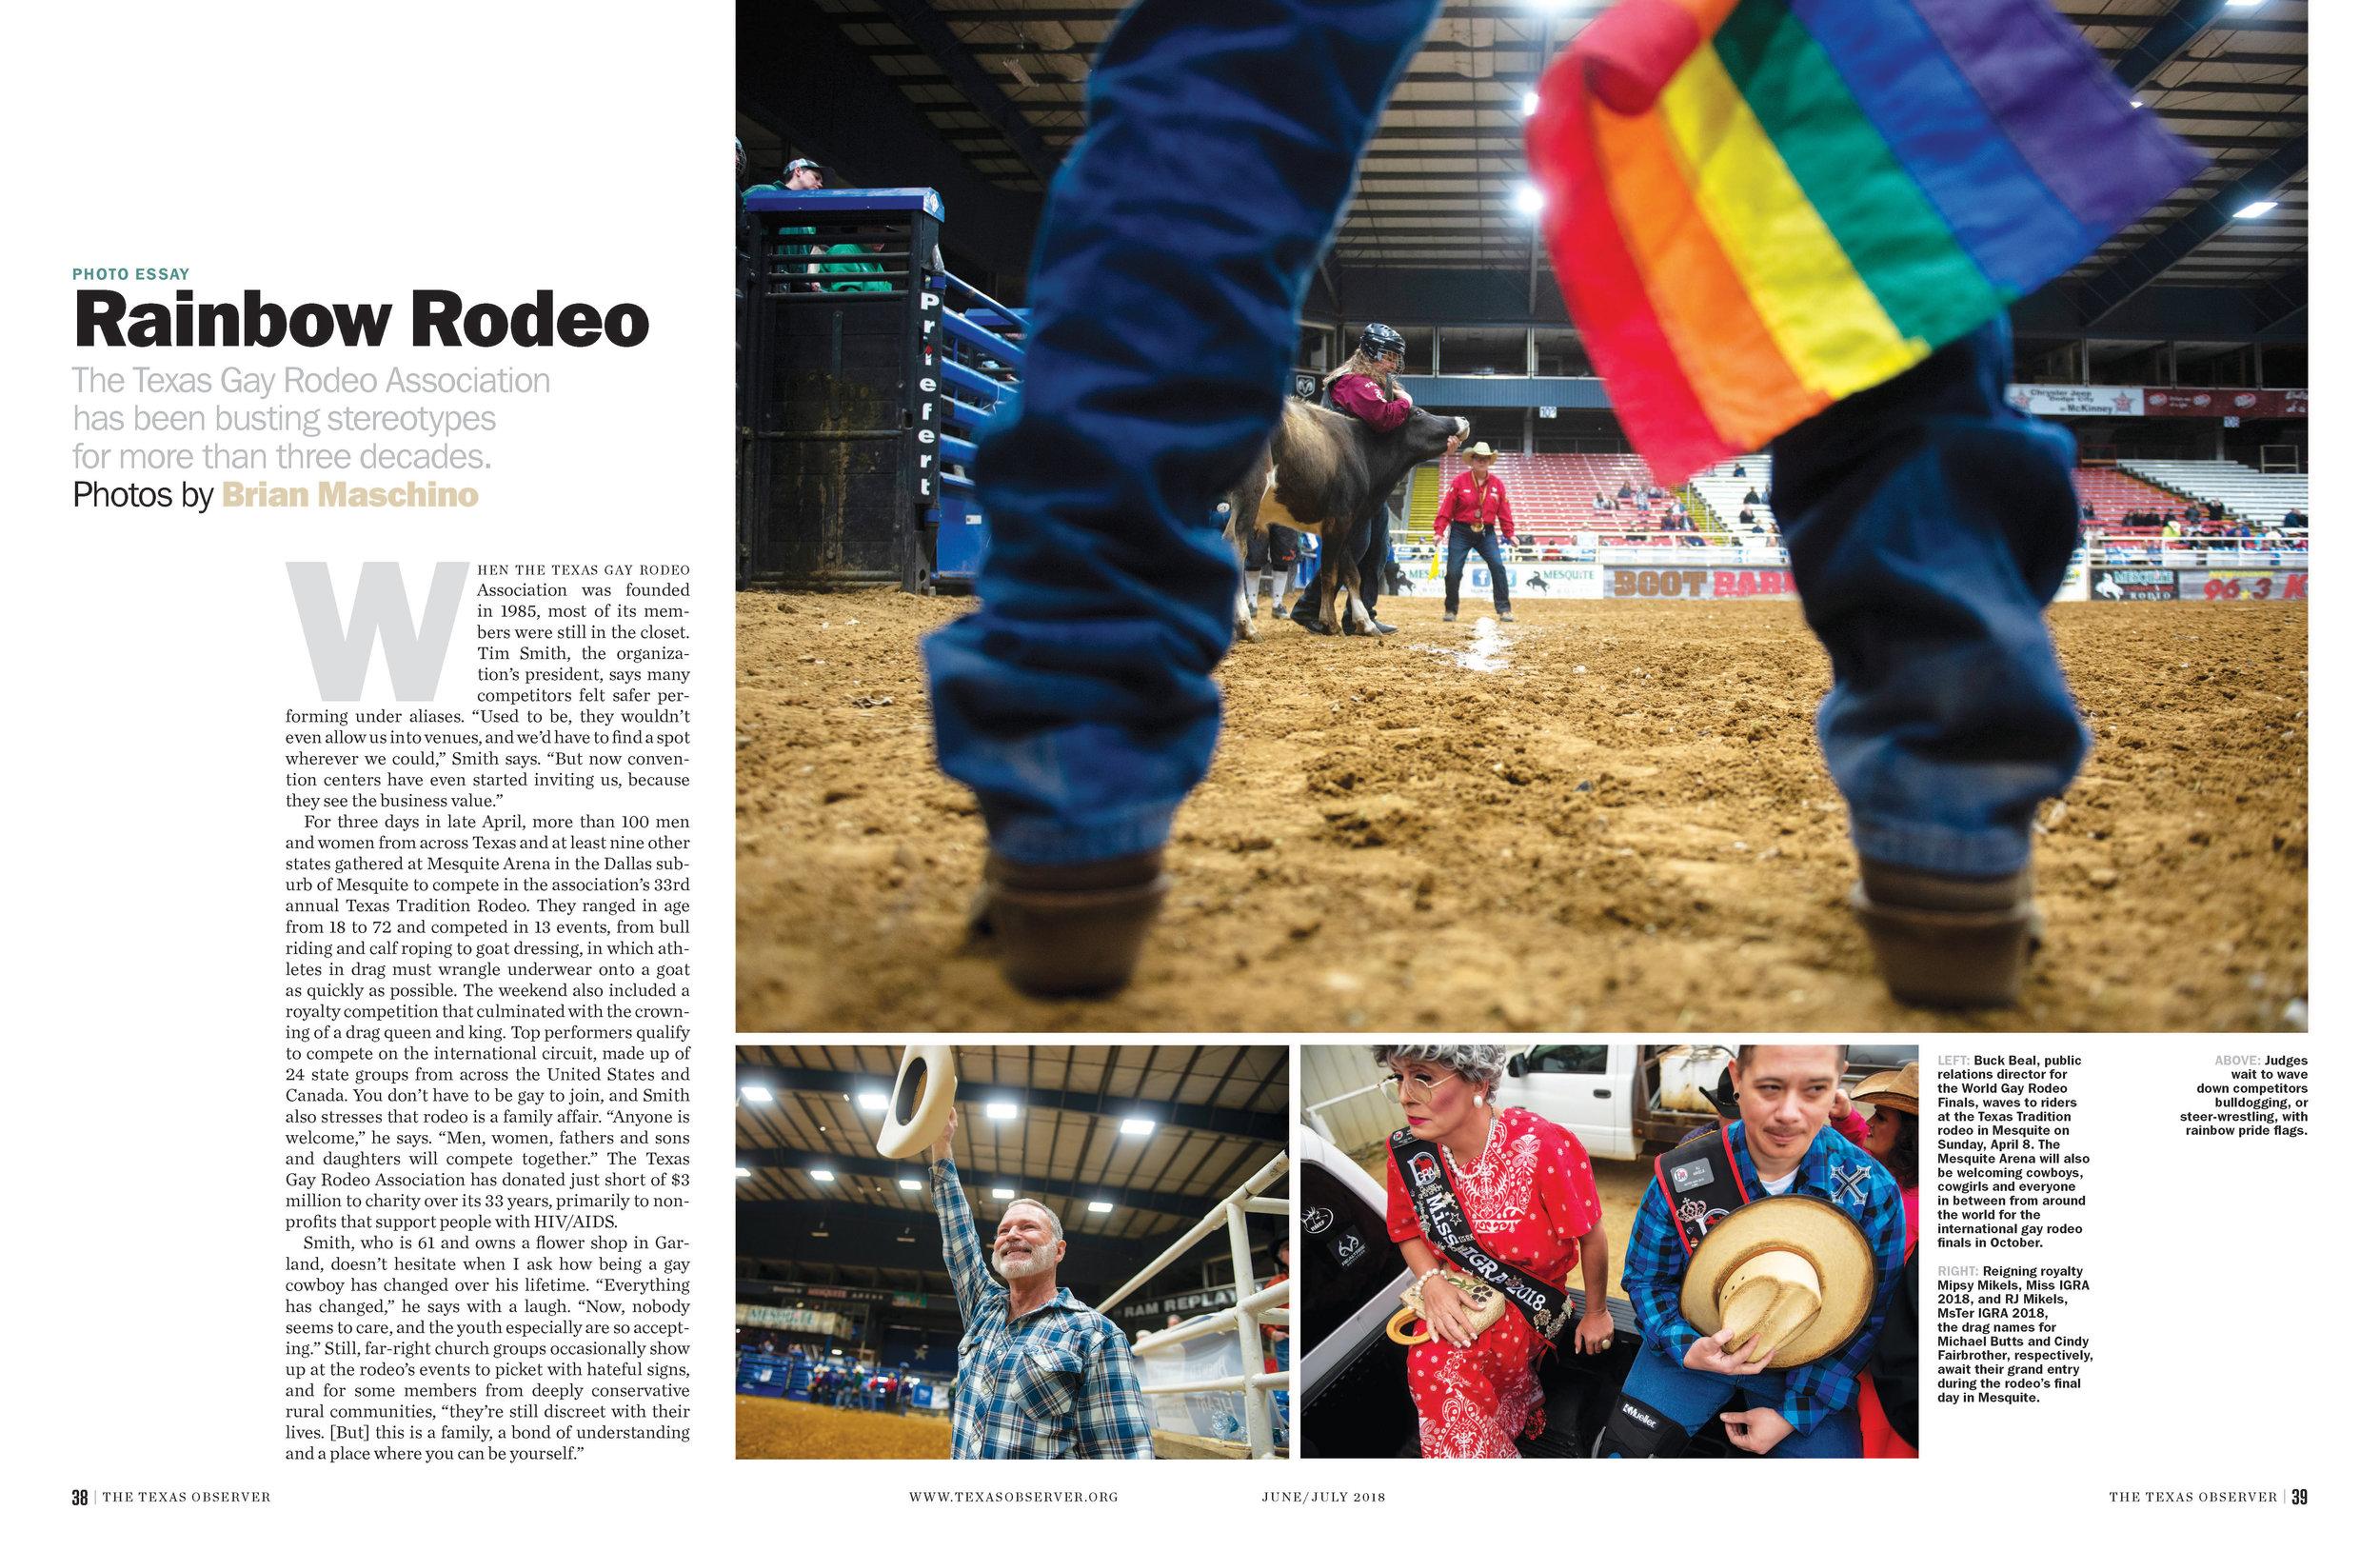 TXOB_RainbowRodeo_Page_1.jpg